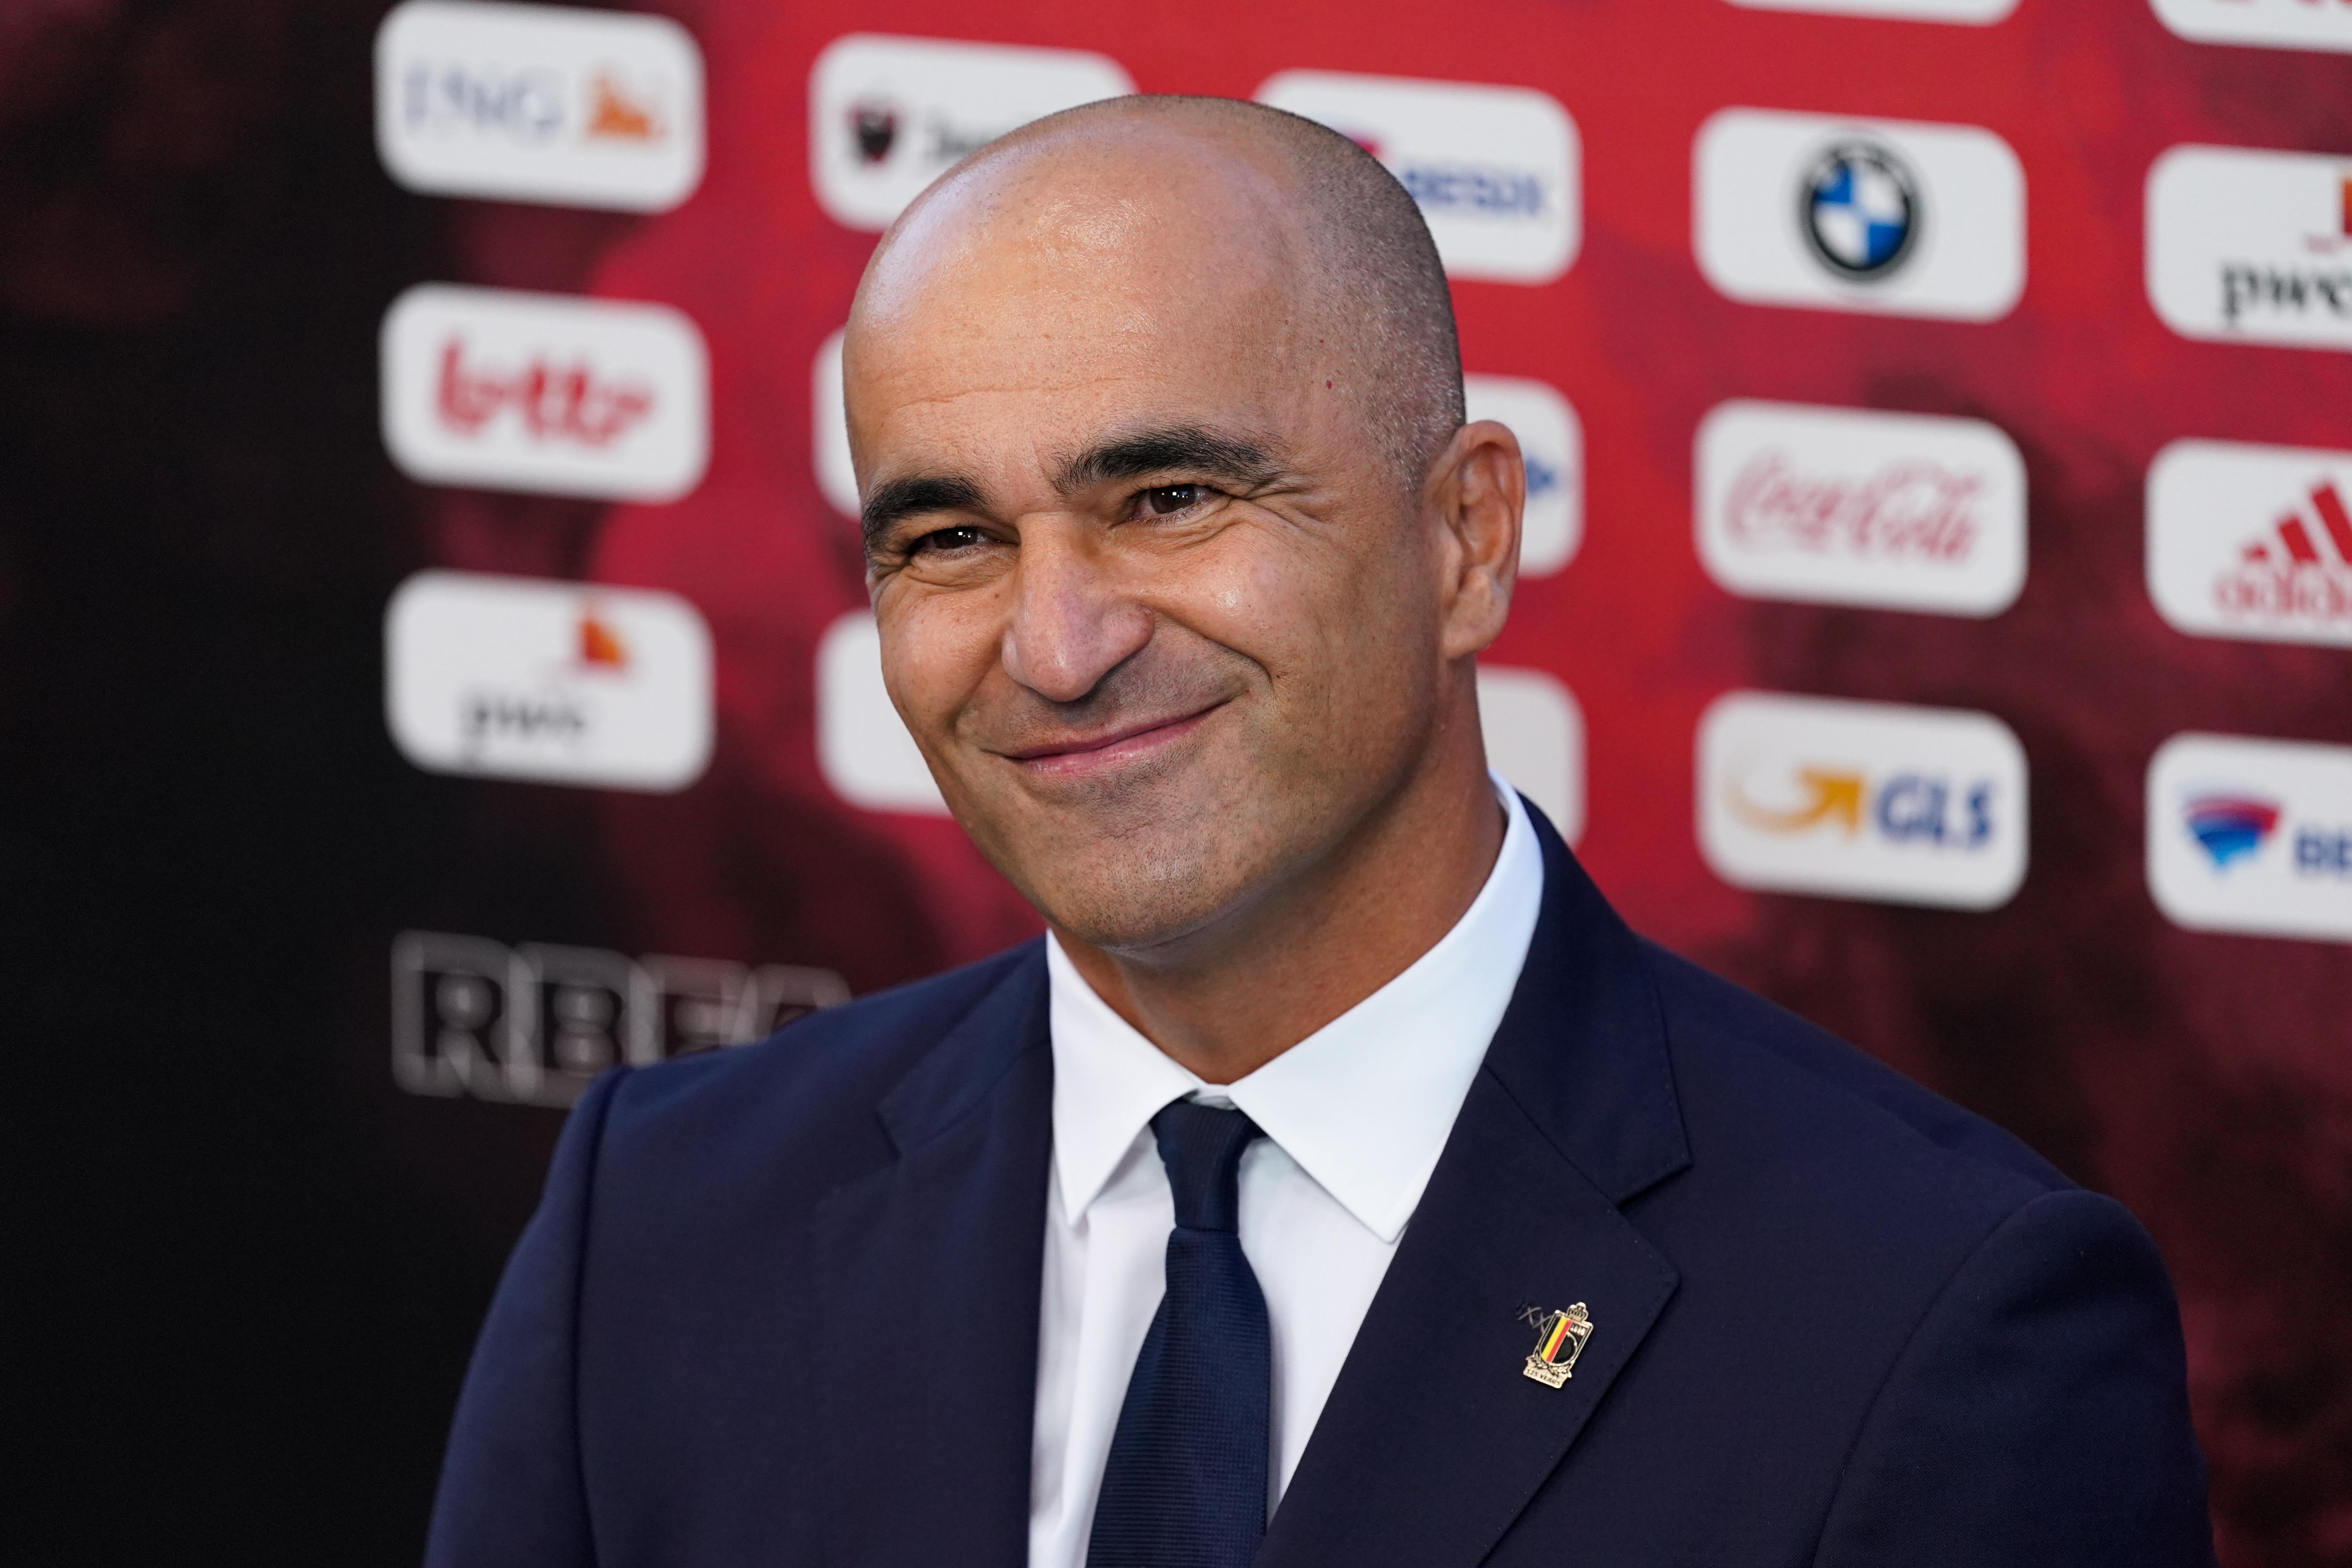 Belgium v Czech Republic - 2022 FIFA World Cup Qualifier